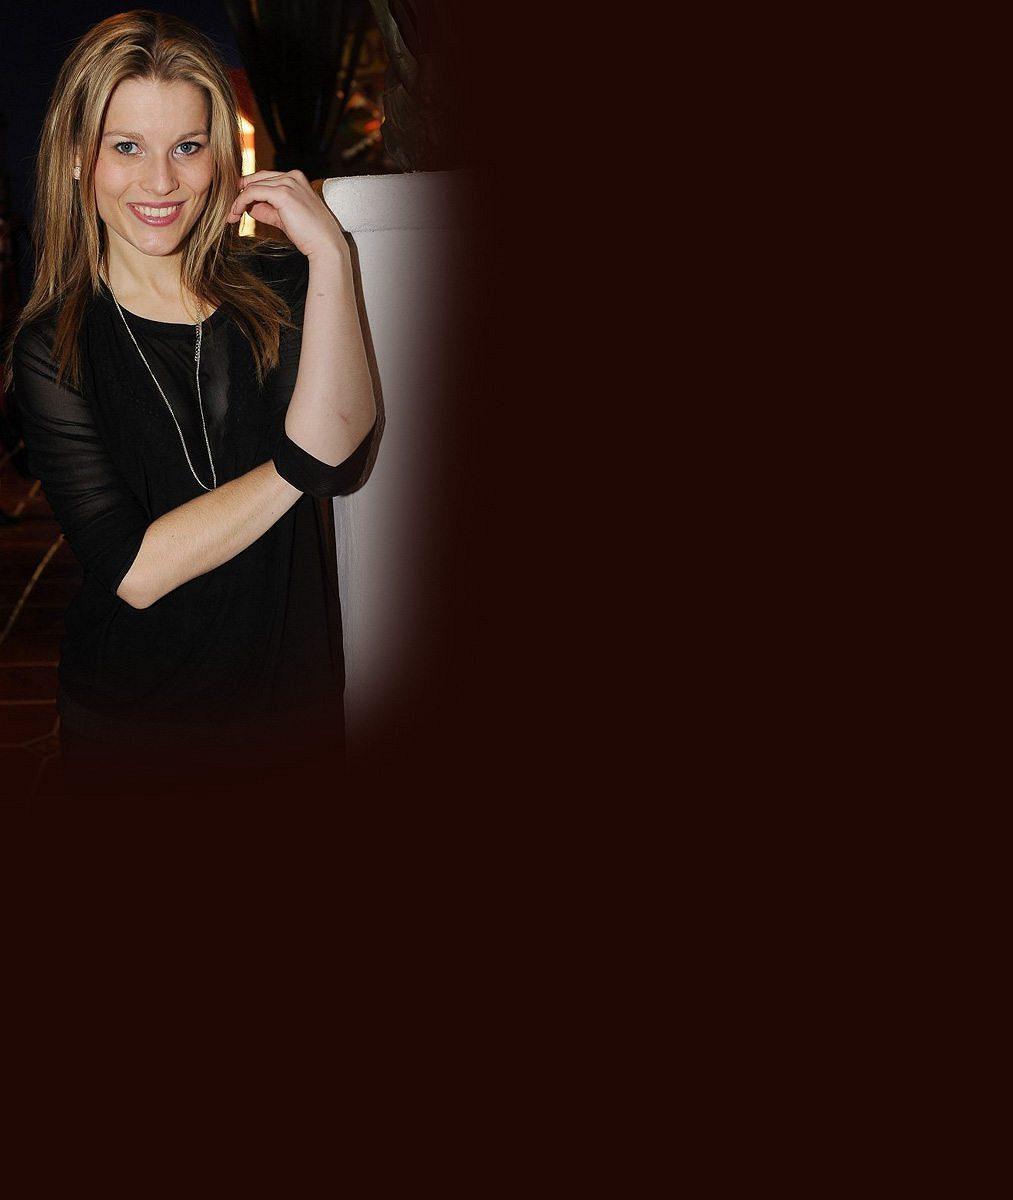 Krásná Míša Gemrotová jako by vypadla z Divokého západu: Takhle se vypořádala s netradičním dress codem